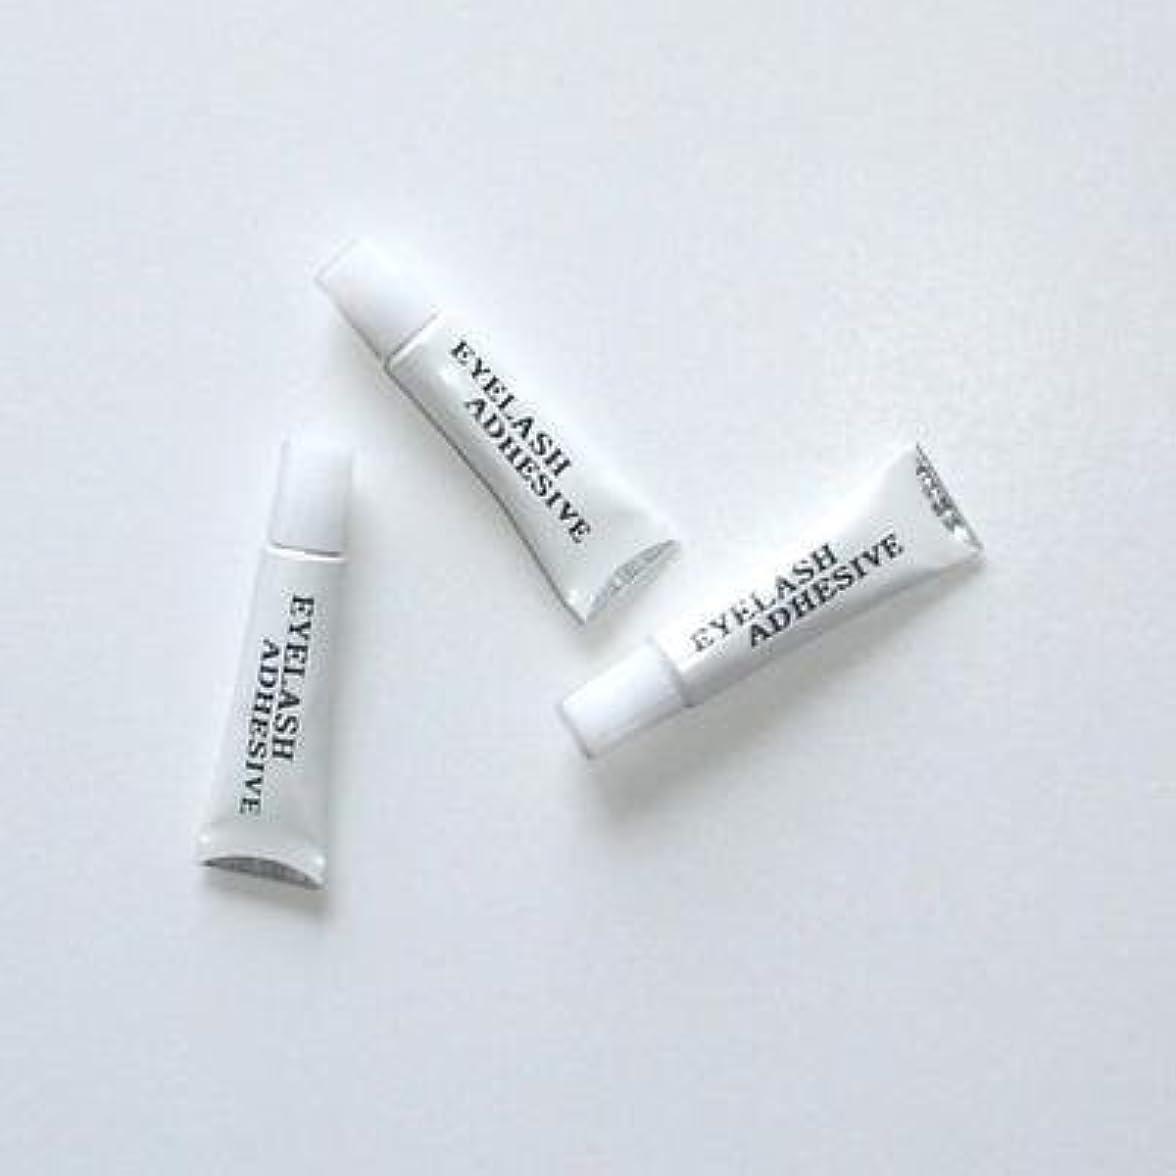 バッテリー芽フィットアイラッシュグルー1g3本組(つけまつげ用のり)